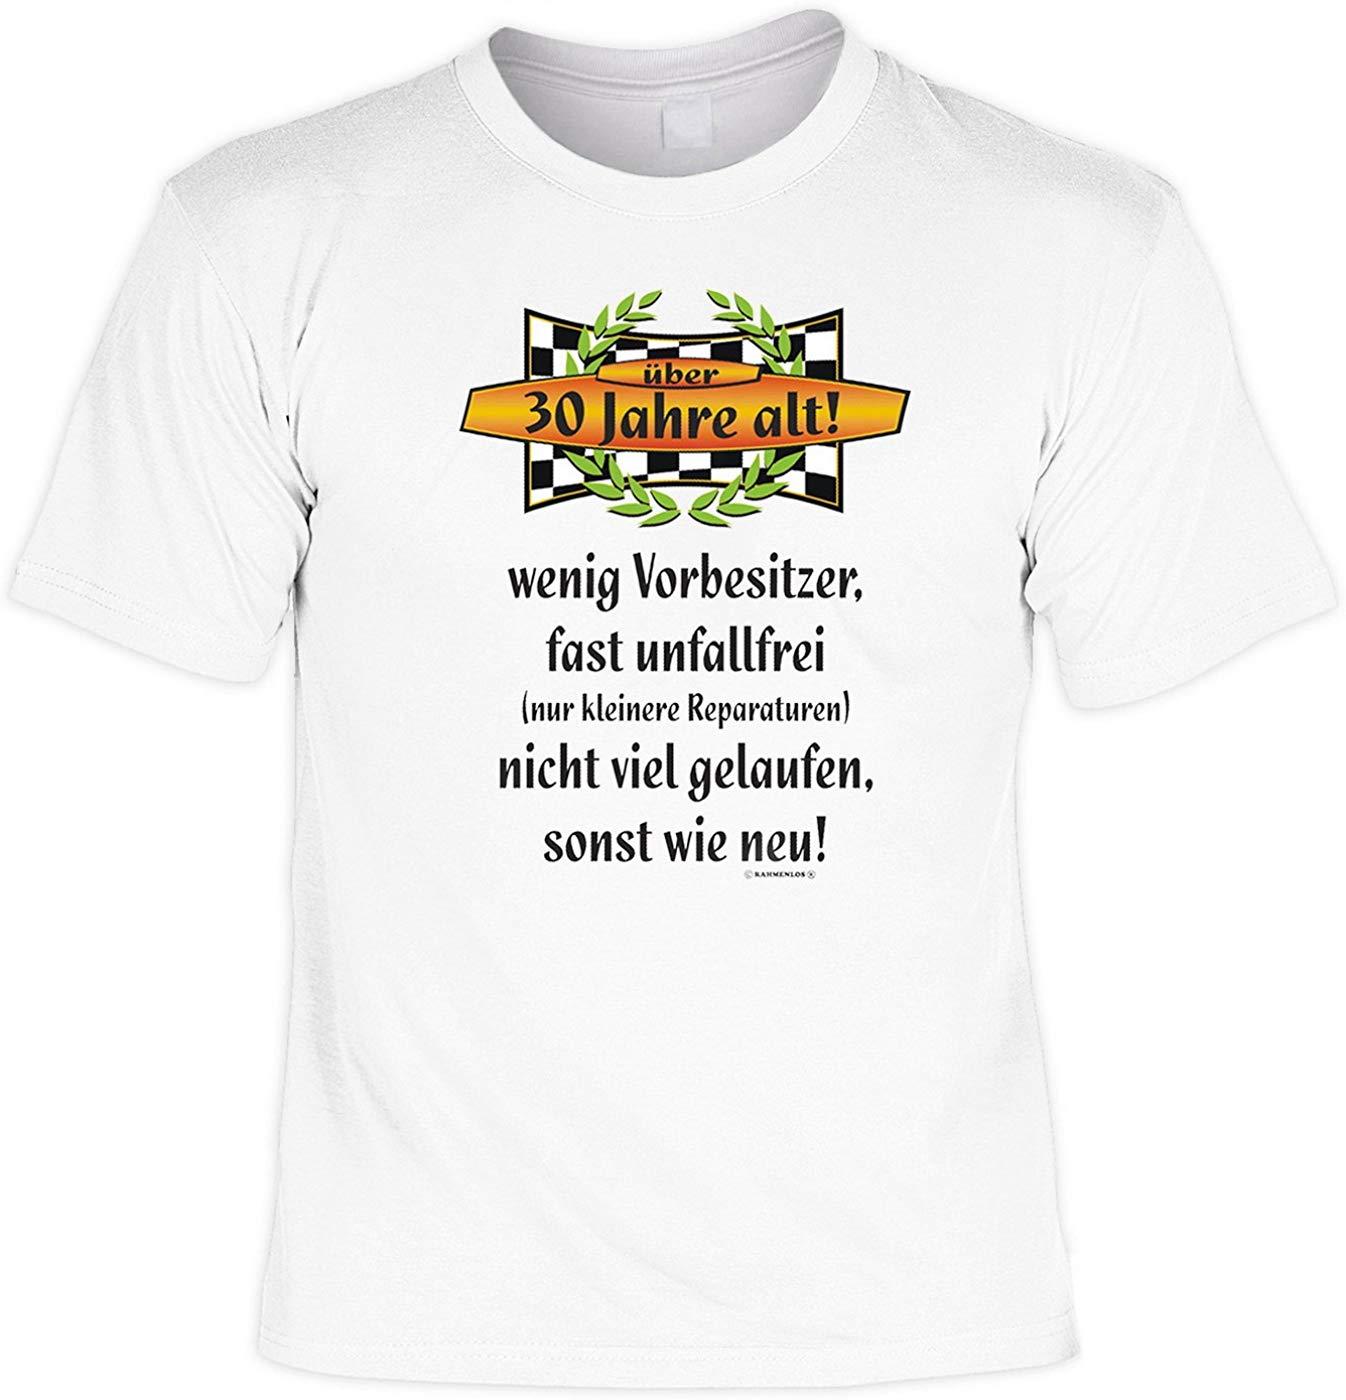 Full Size of Coole T Shirt Sprüche T Shirts Mit Sprchen Baby Shirt Sprche Tshirt Fr Kinder Lustige Jutebeutel Junggesellinnenabschied Wandtattoos Junggesellenabschied Küche Coole T Shirt Sprüche